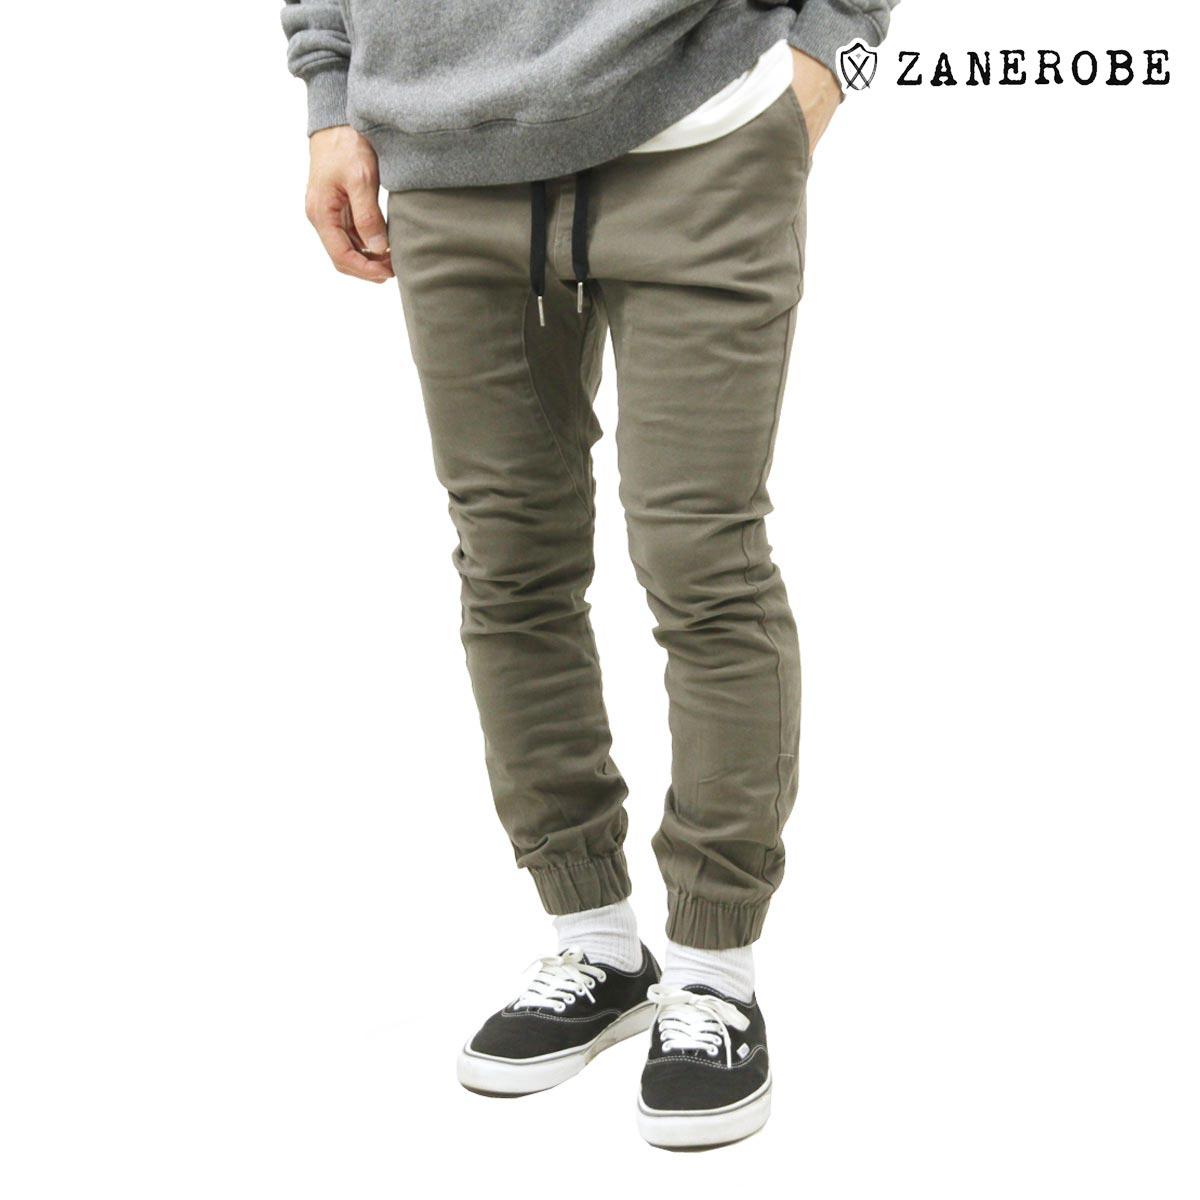 ゼンローブ ZANEROBE 正規販売店 メンズ チノ ジョガーパンツ SURESHOT CHINO JOGGER PANTS PEAT 710-PRE